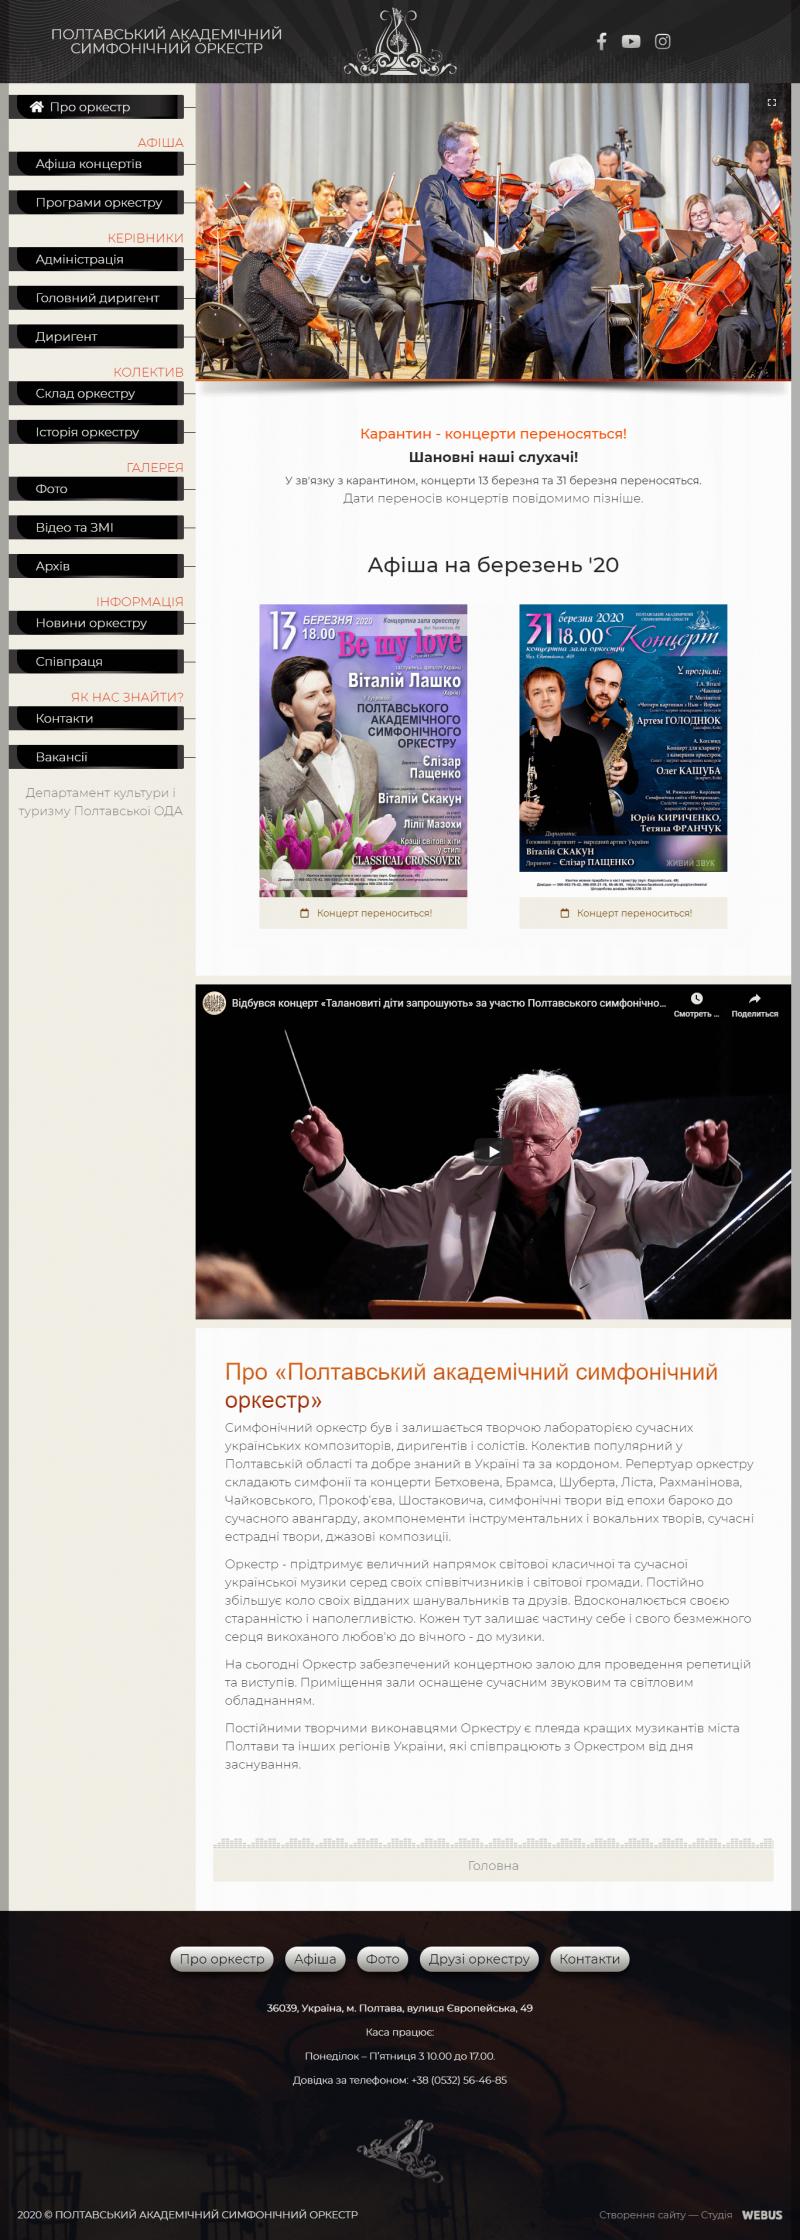 Официальный сайт Полтавского симфонического оркестра